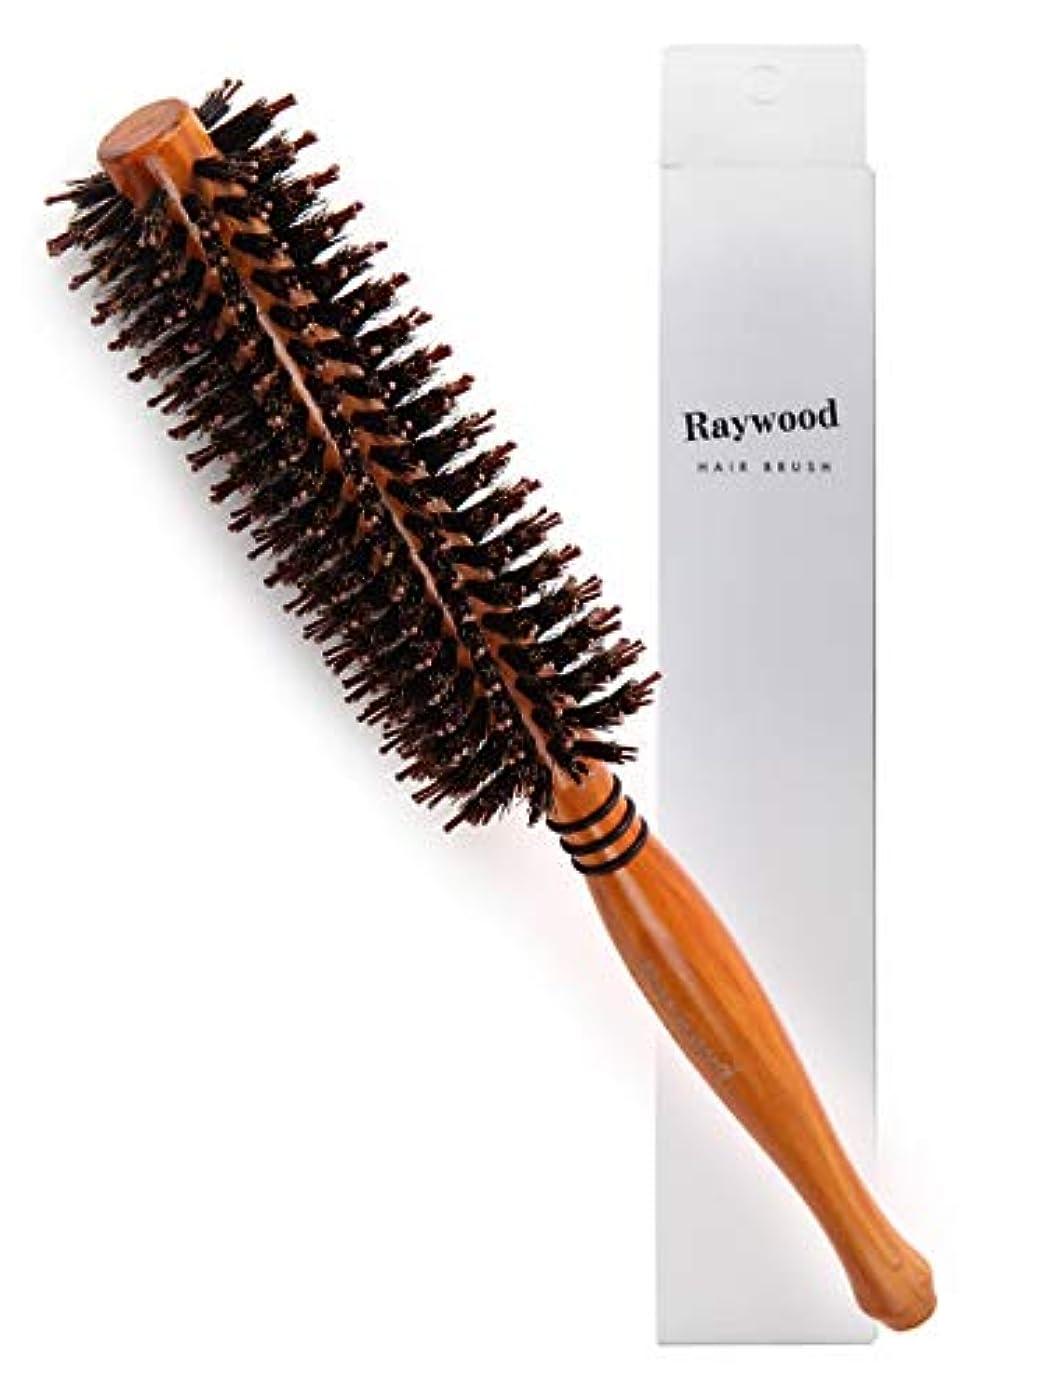 Raywood 天然ロールブラシ 豚毛 耐熱仕様 ブロー カール 巻き髪 ヘア ブラシ ロール (S)